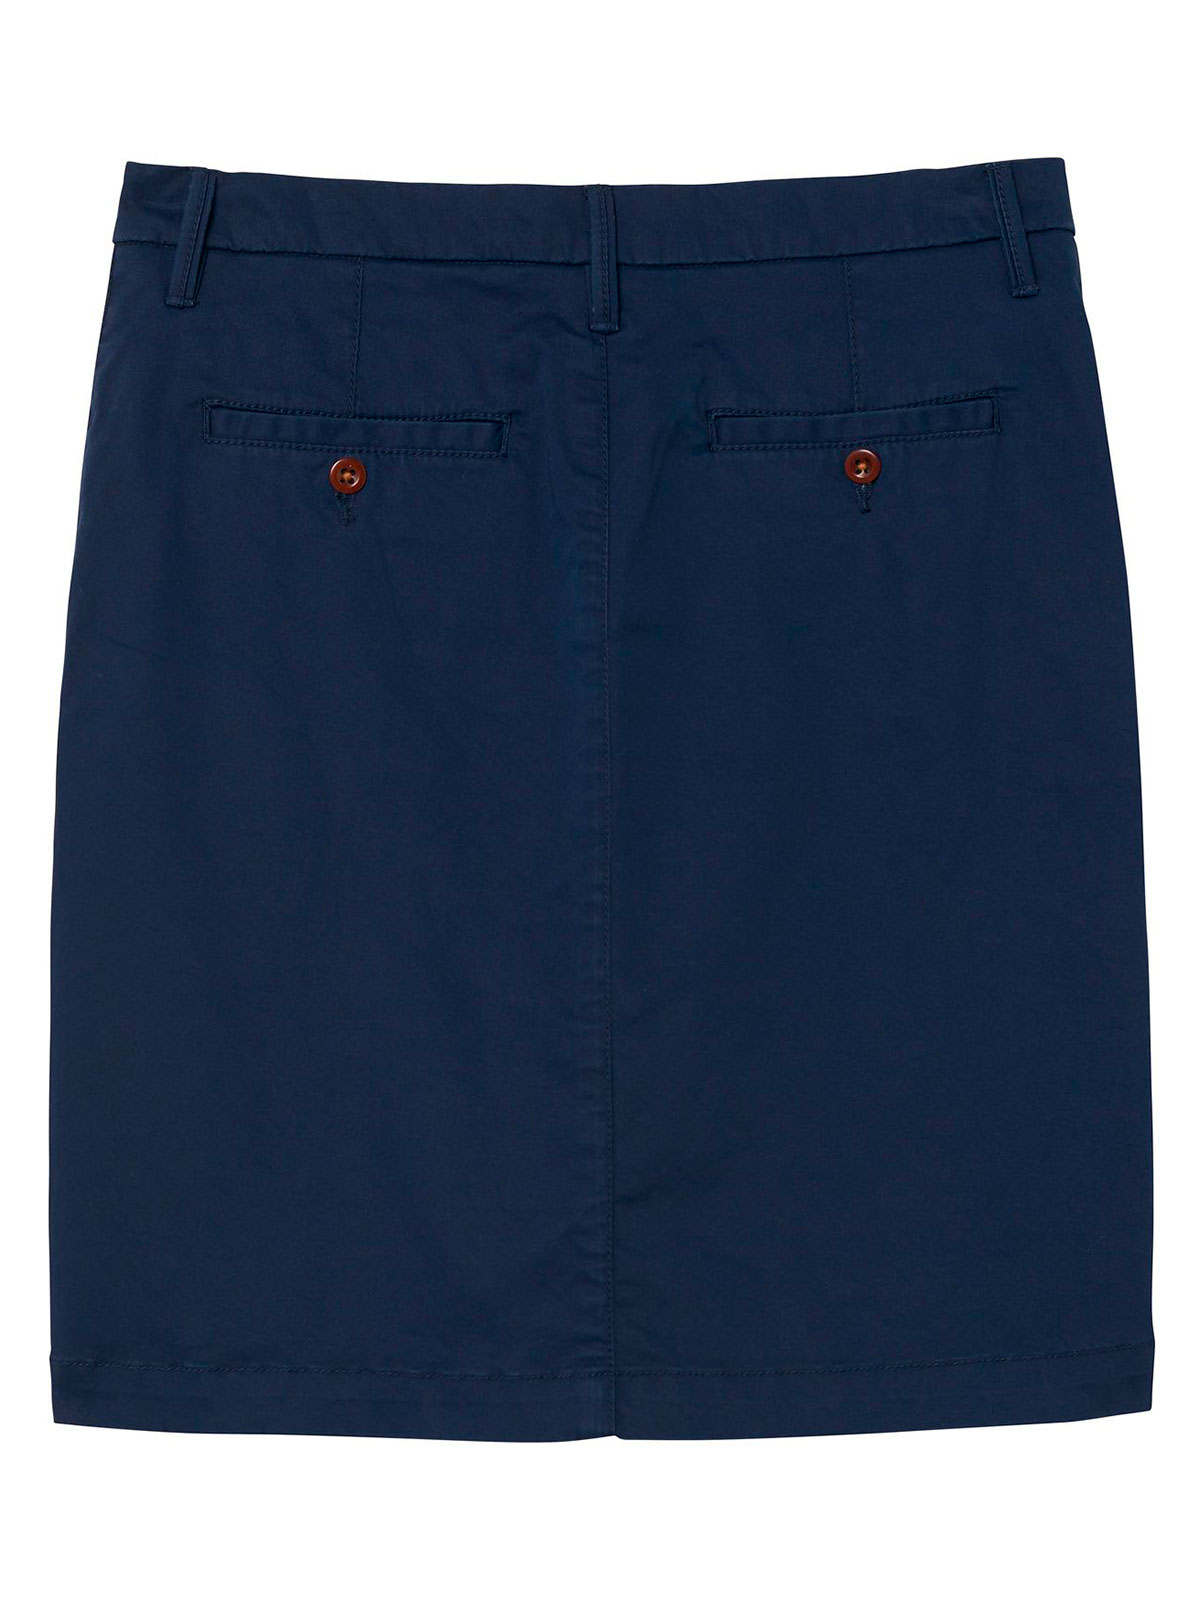 Picture of GANT | Women's Chino Skirt